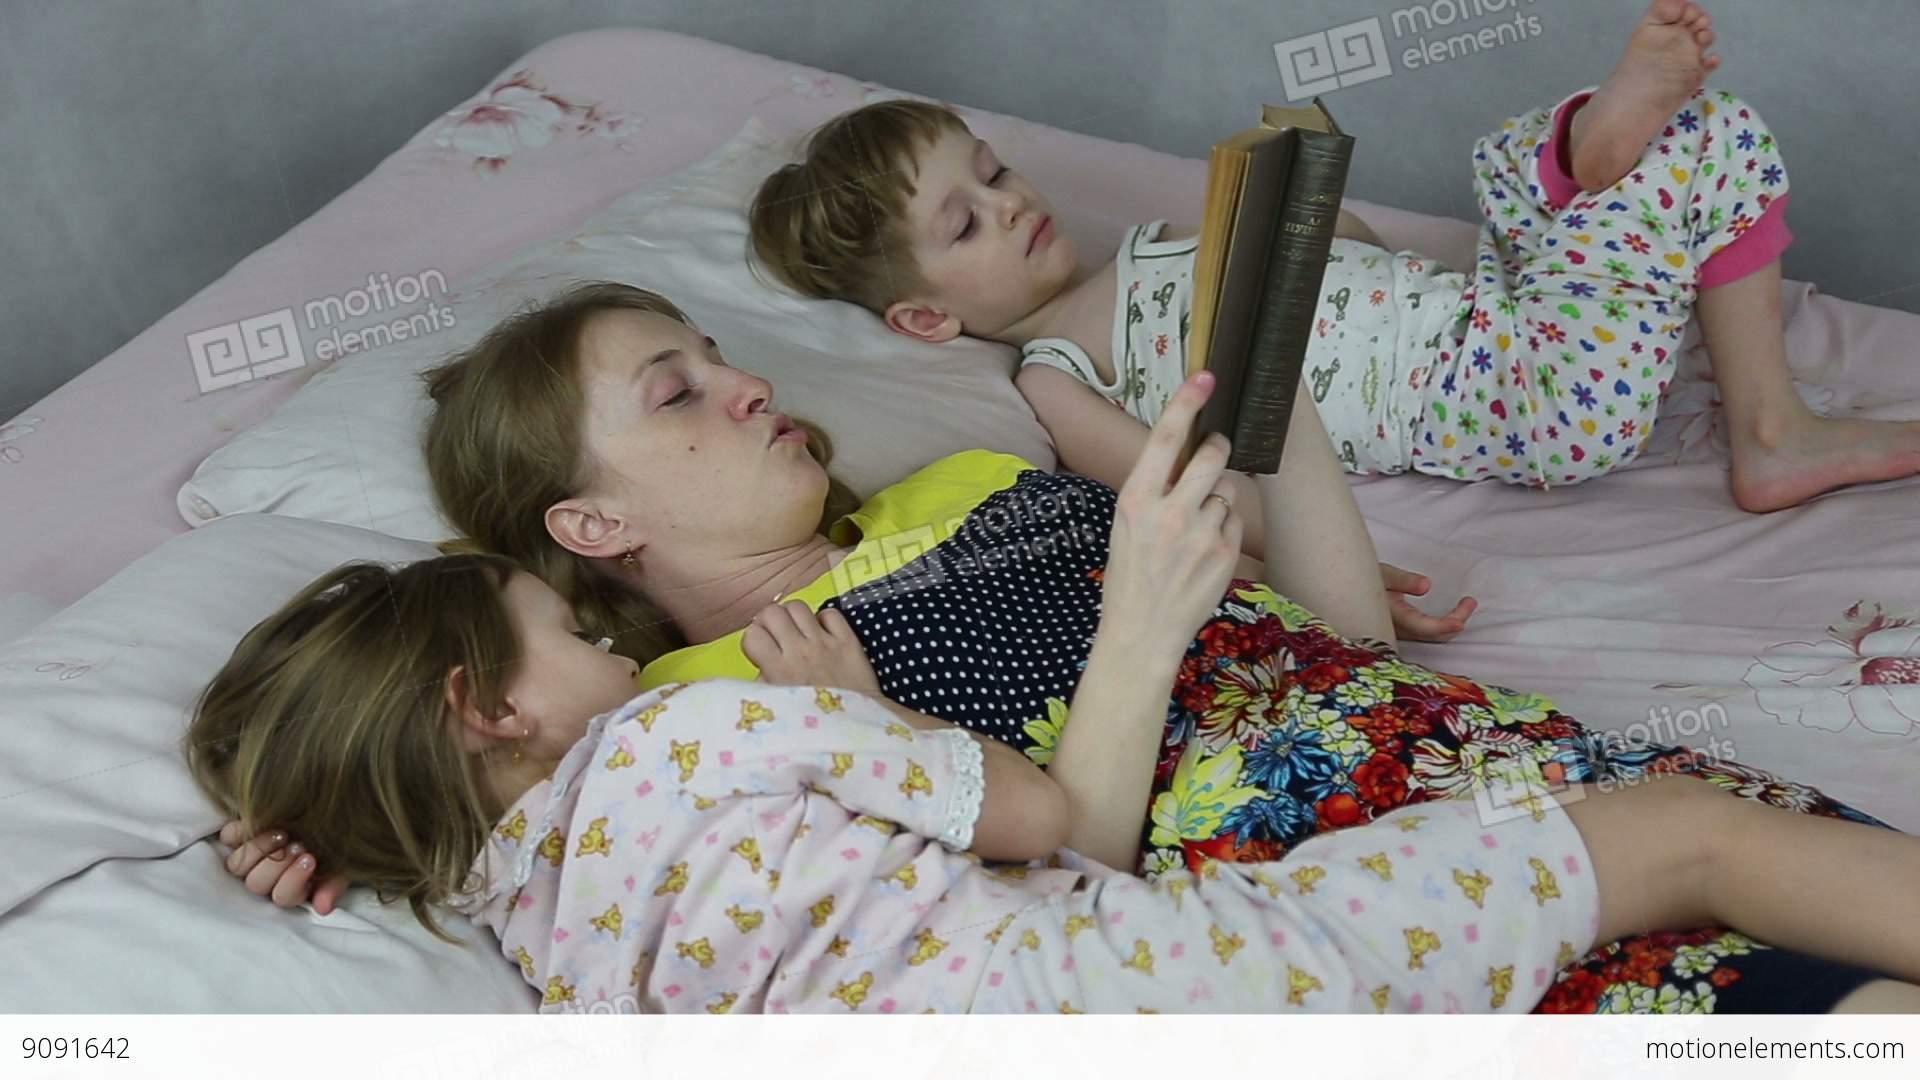 Сын подсматривал за спящей мамой смотреть бесплатно, Сын подглядел за тренировкой мамы и трахнул ее порно 12 фотография